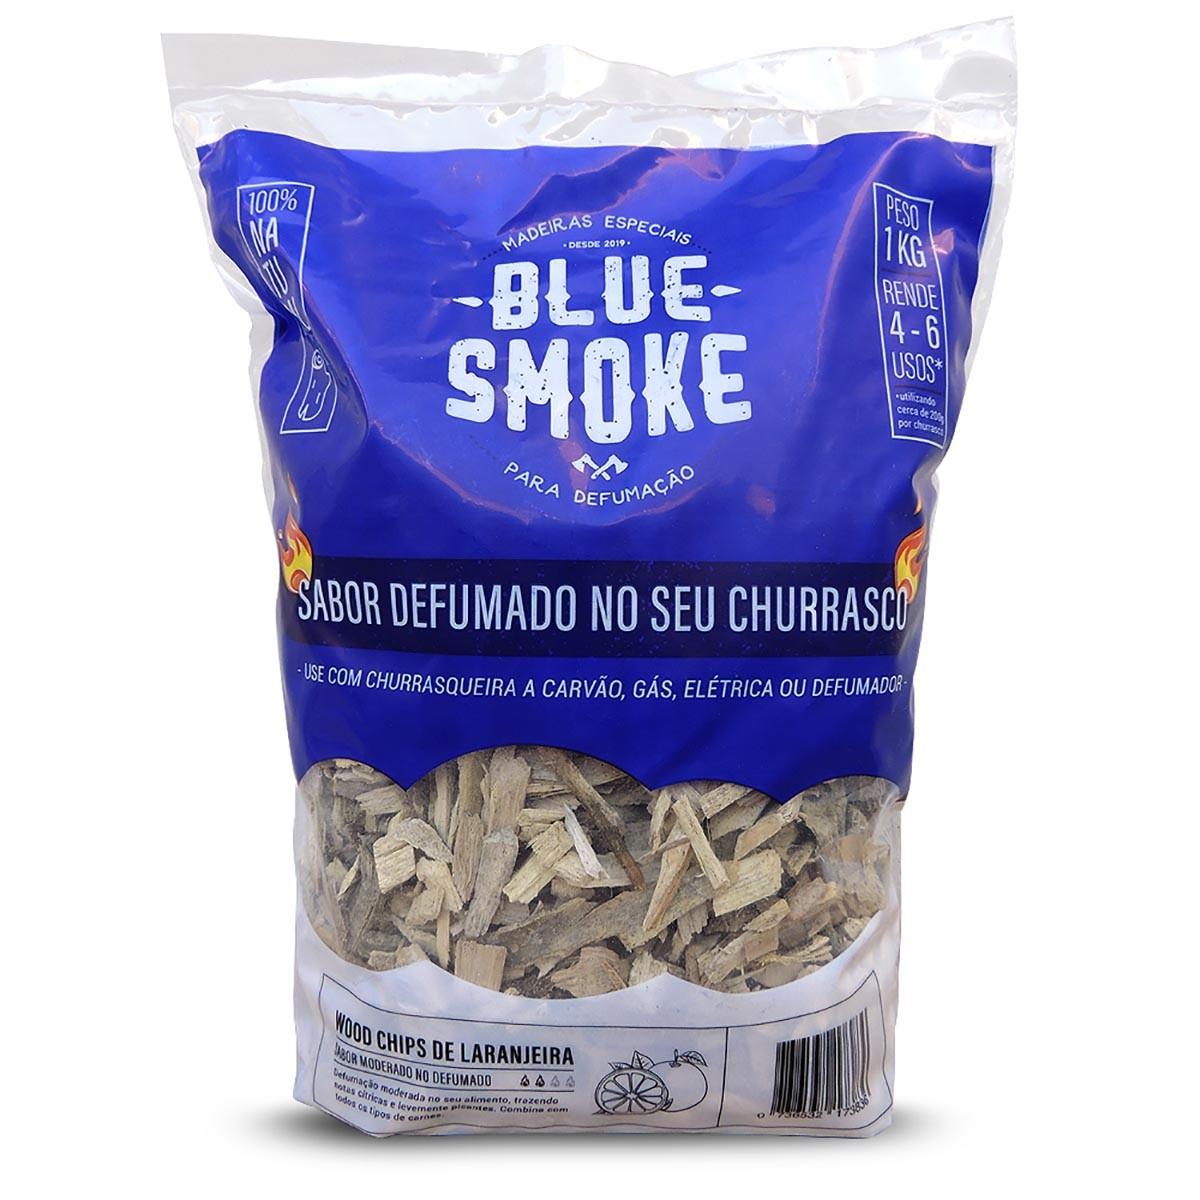 Wood Chips - Madeira Para Defumar De Laranjeira (1 kg)